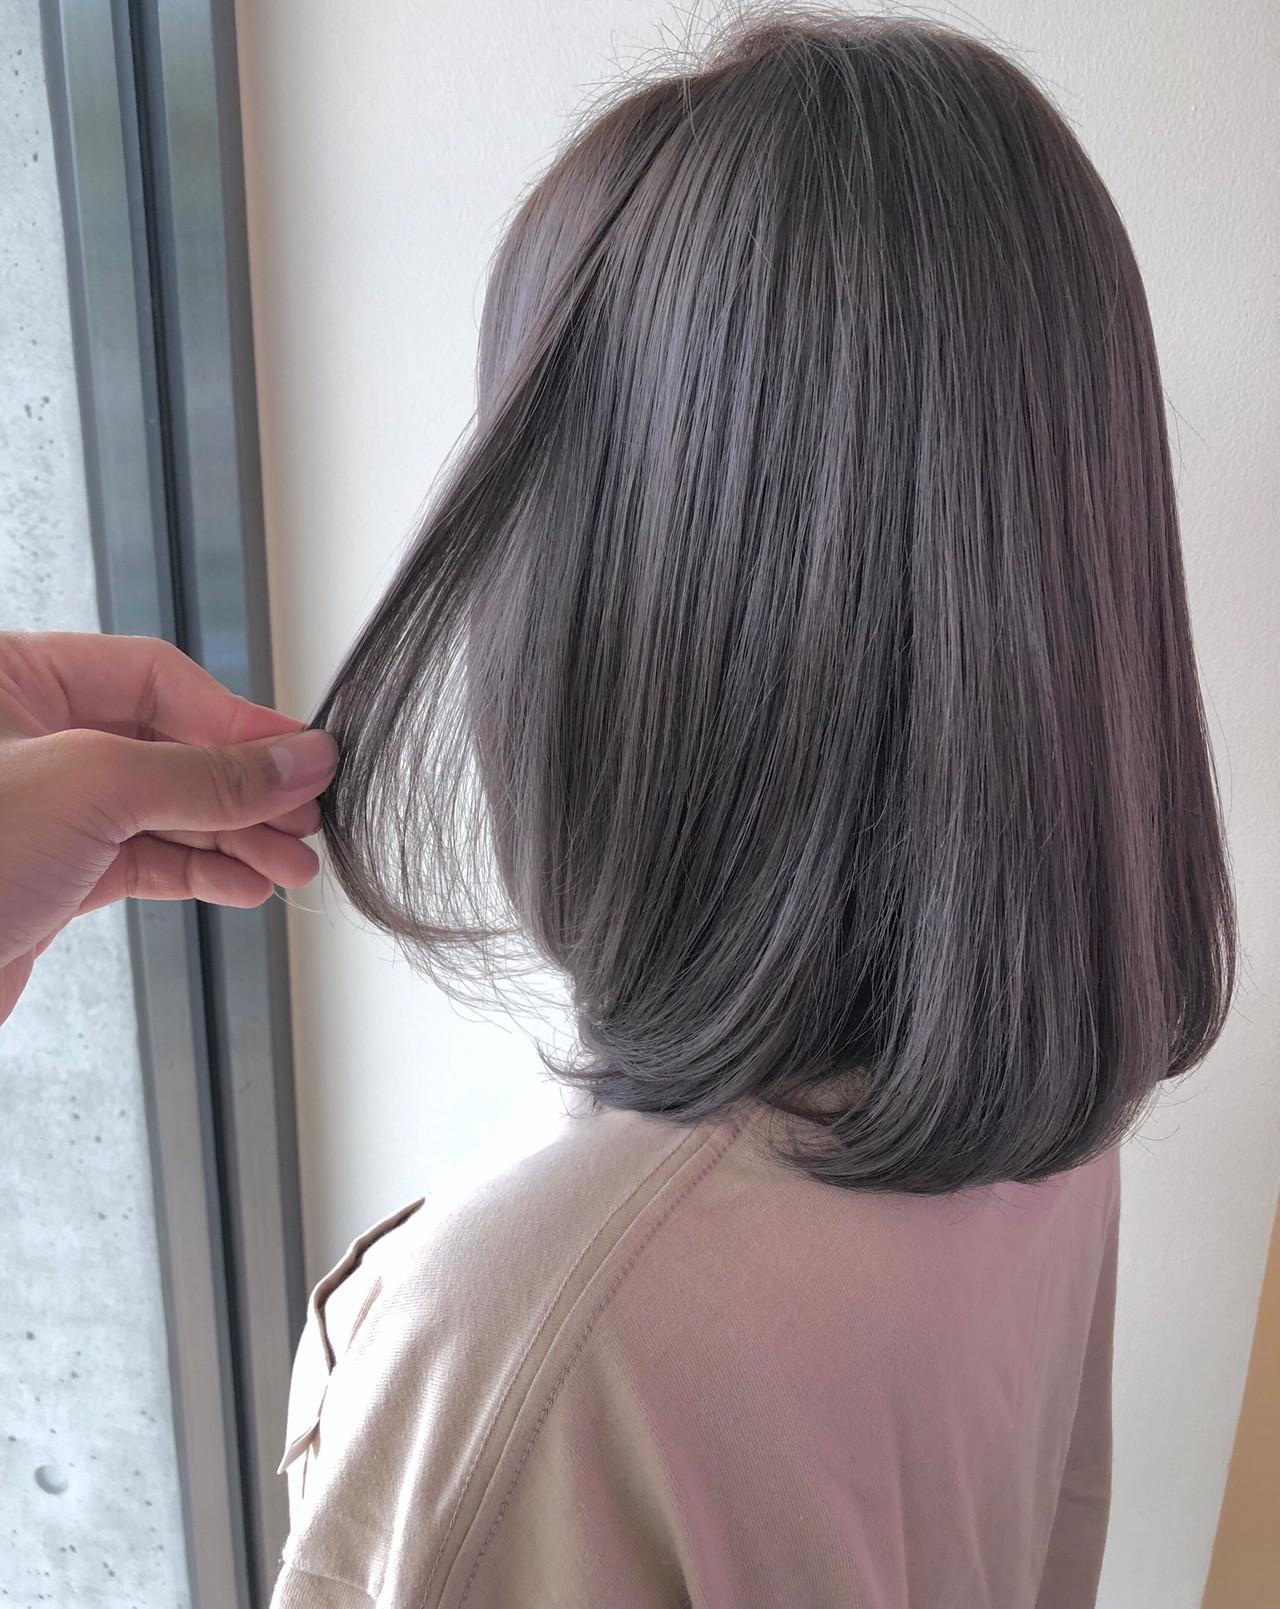 ヘアカラー ナチュラル ヘアアレンジ ブリーチ ヘアスタイルや髪型の写真・画像 | 田中 晨太 / AFLOAT HILLS